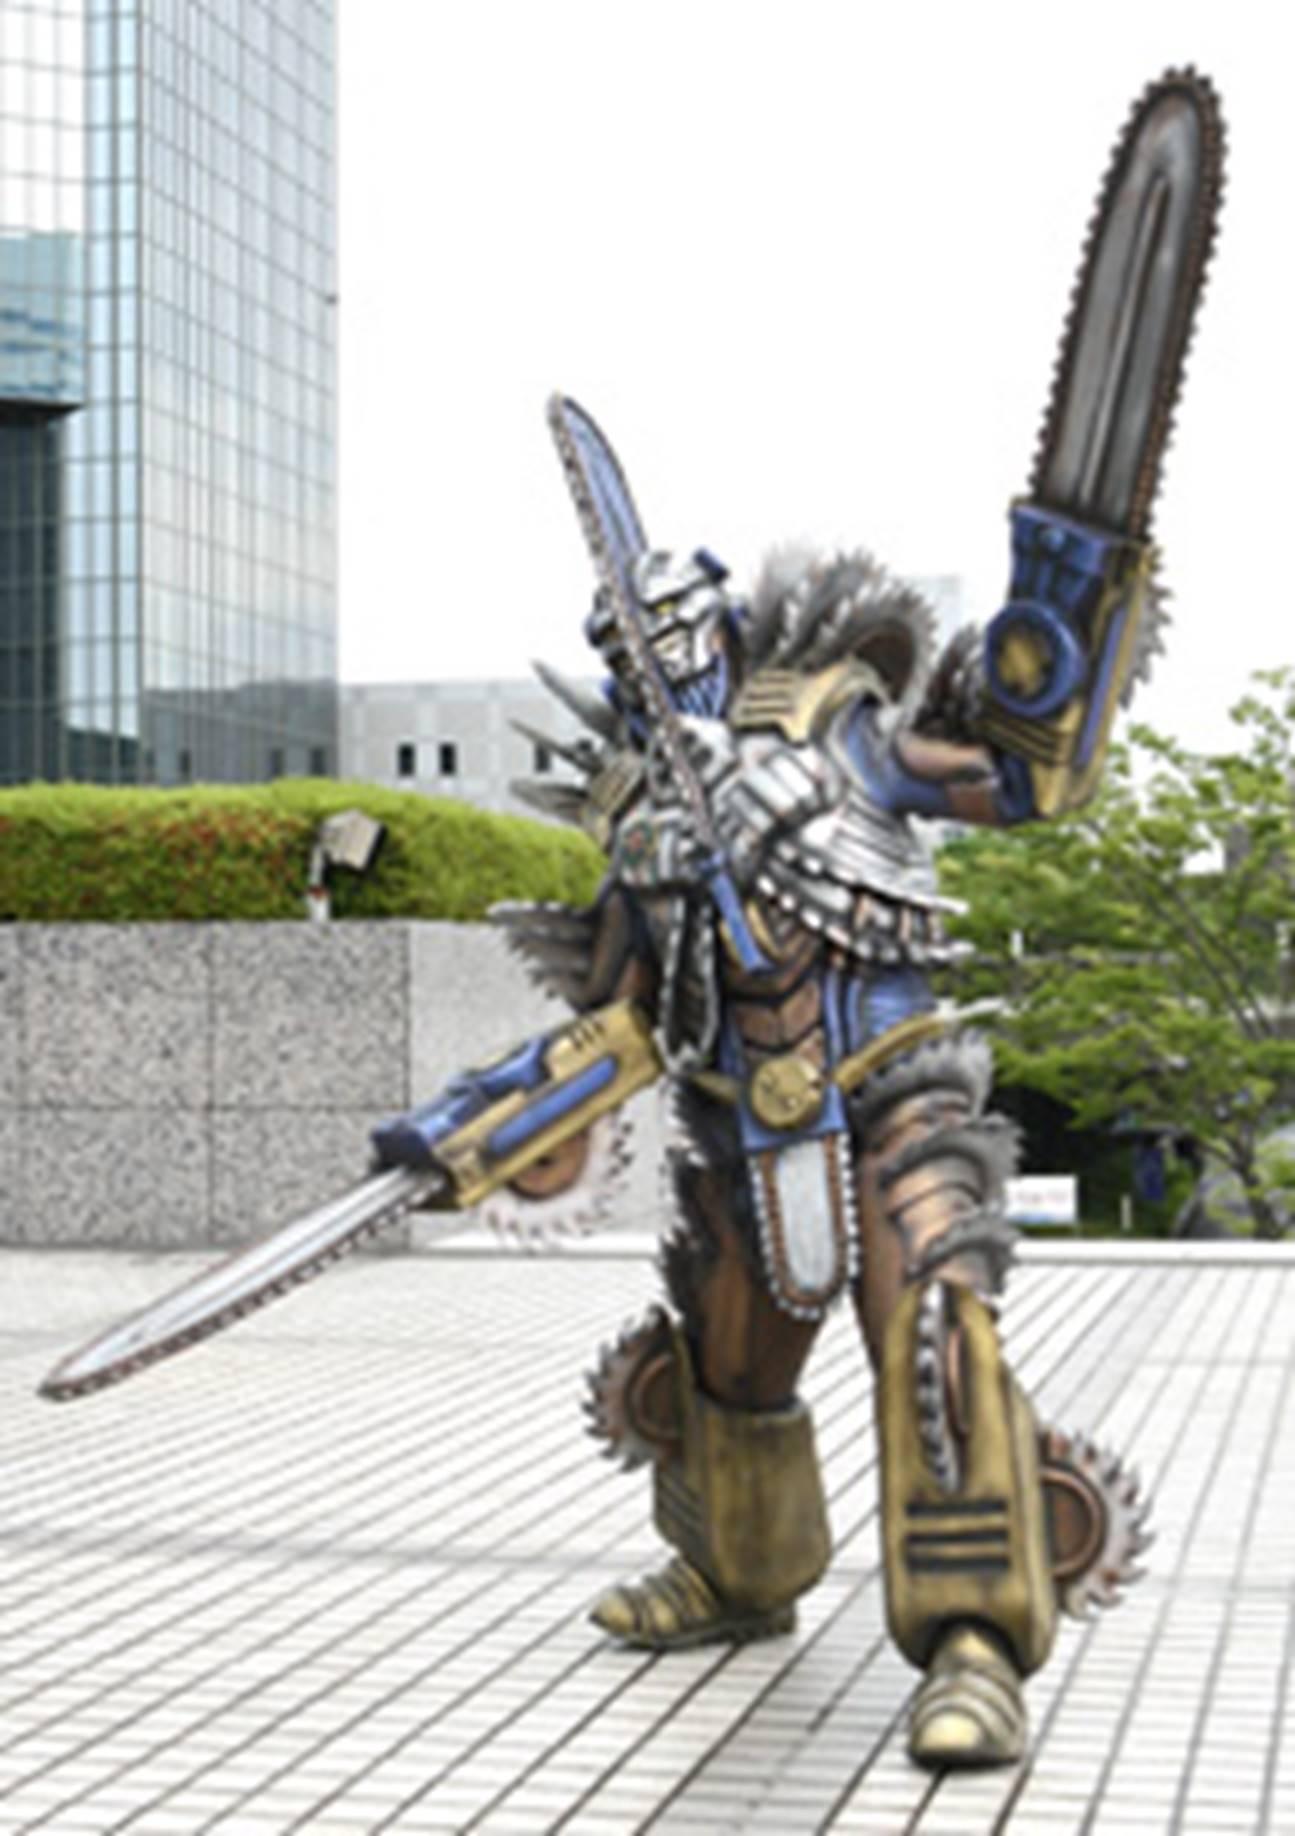 File:Goon-vm-chainsaw.jpg